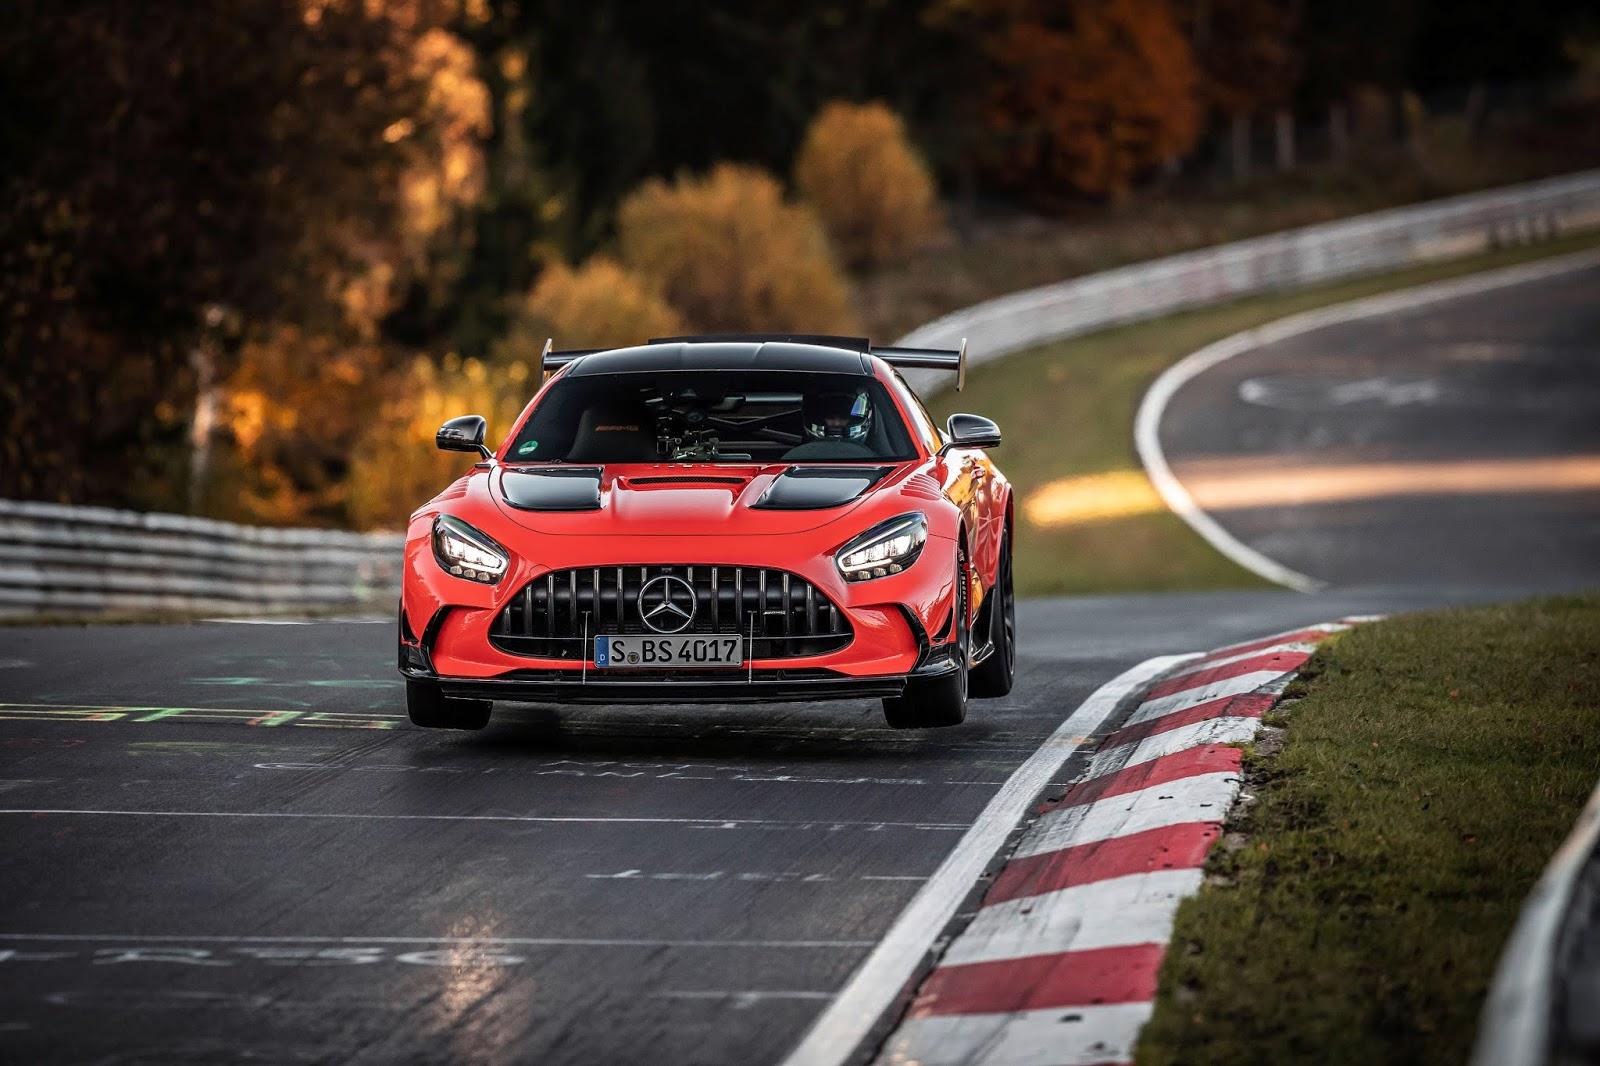 20C0672 014 1 GT Black Series : Η νέα Record Holder του Nurburgring AMG, GT Black Series, Mercedes, Nurburgring, ειδήσεις, Ρεκόρ